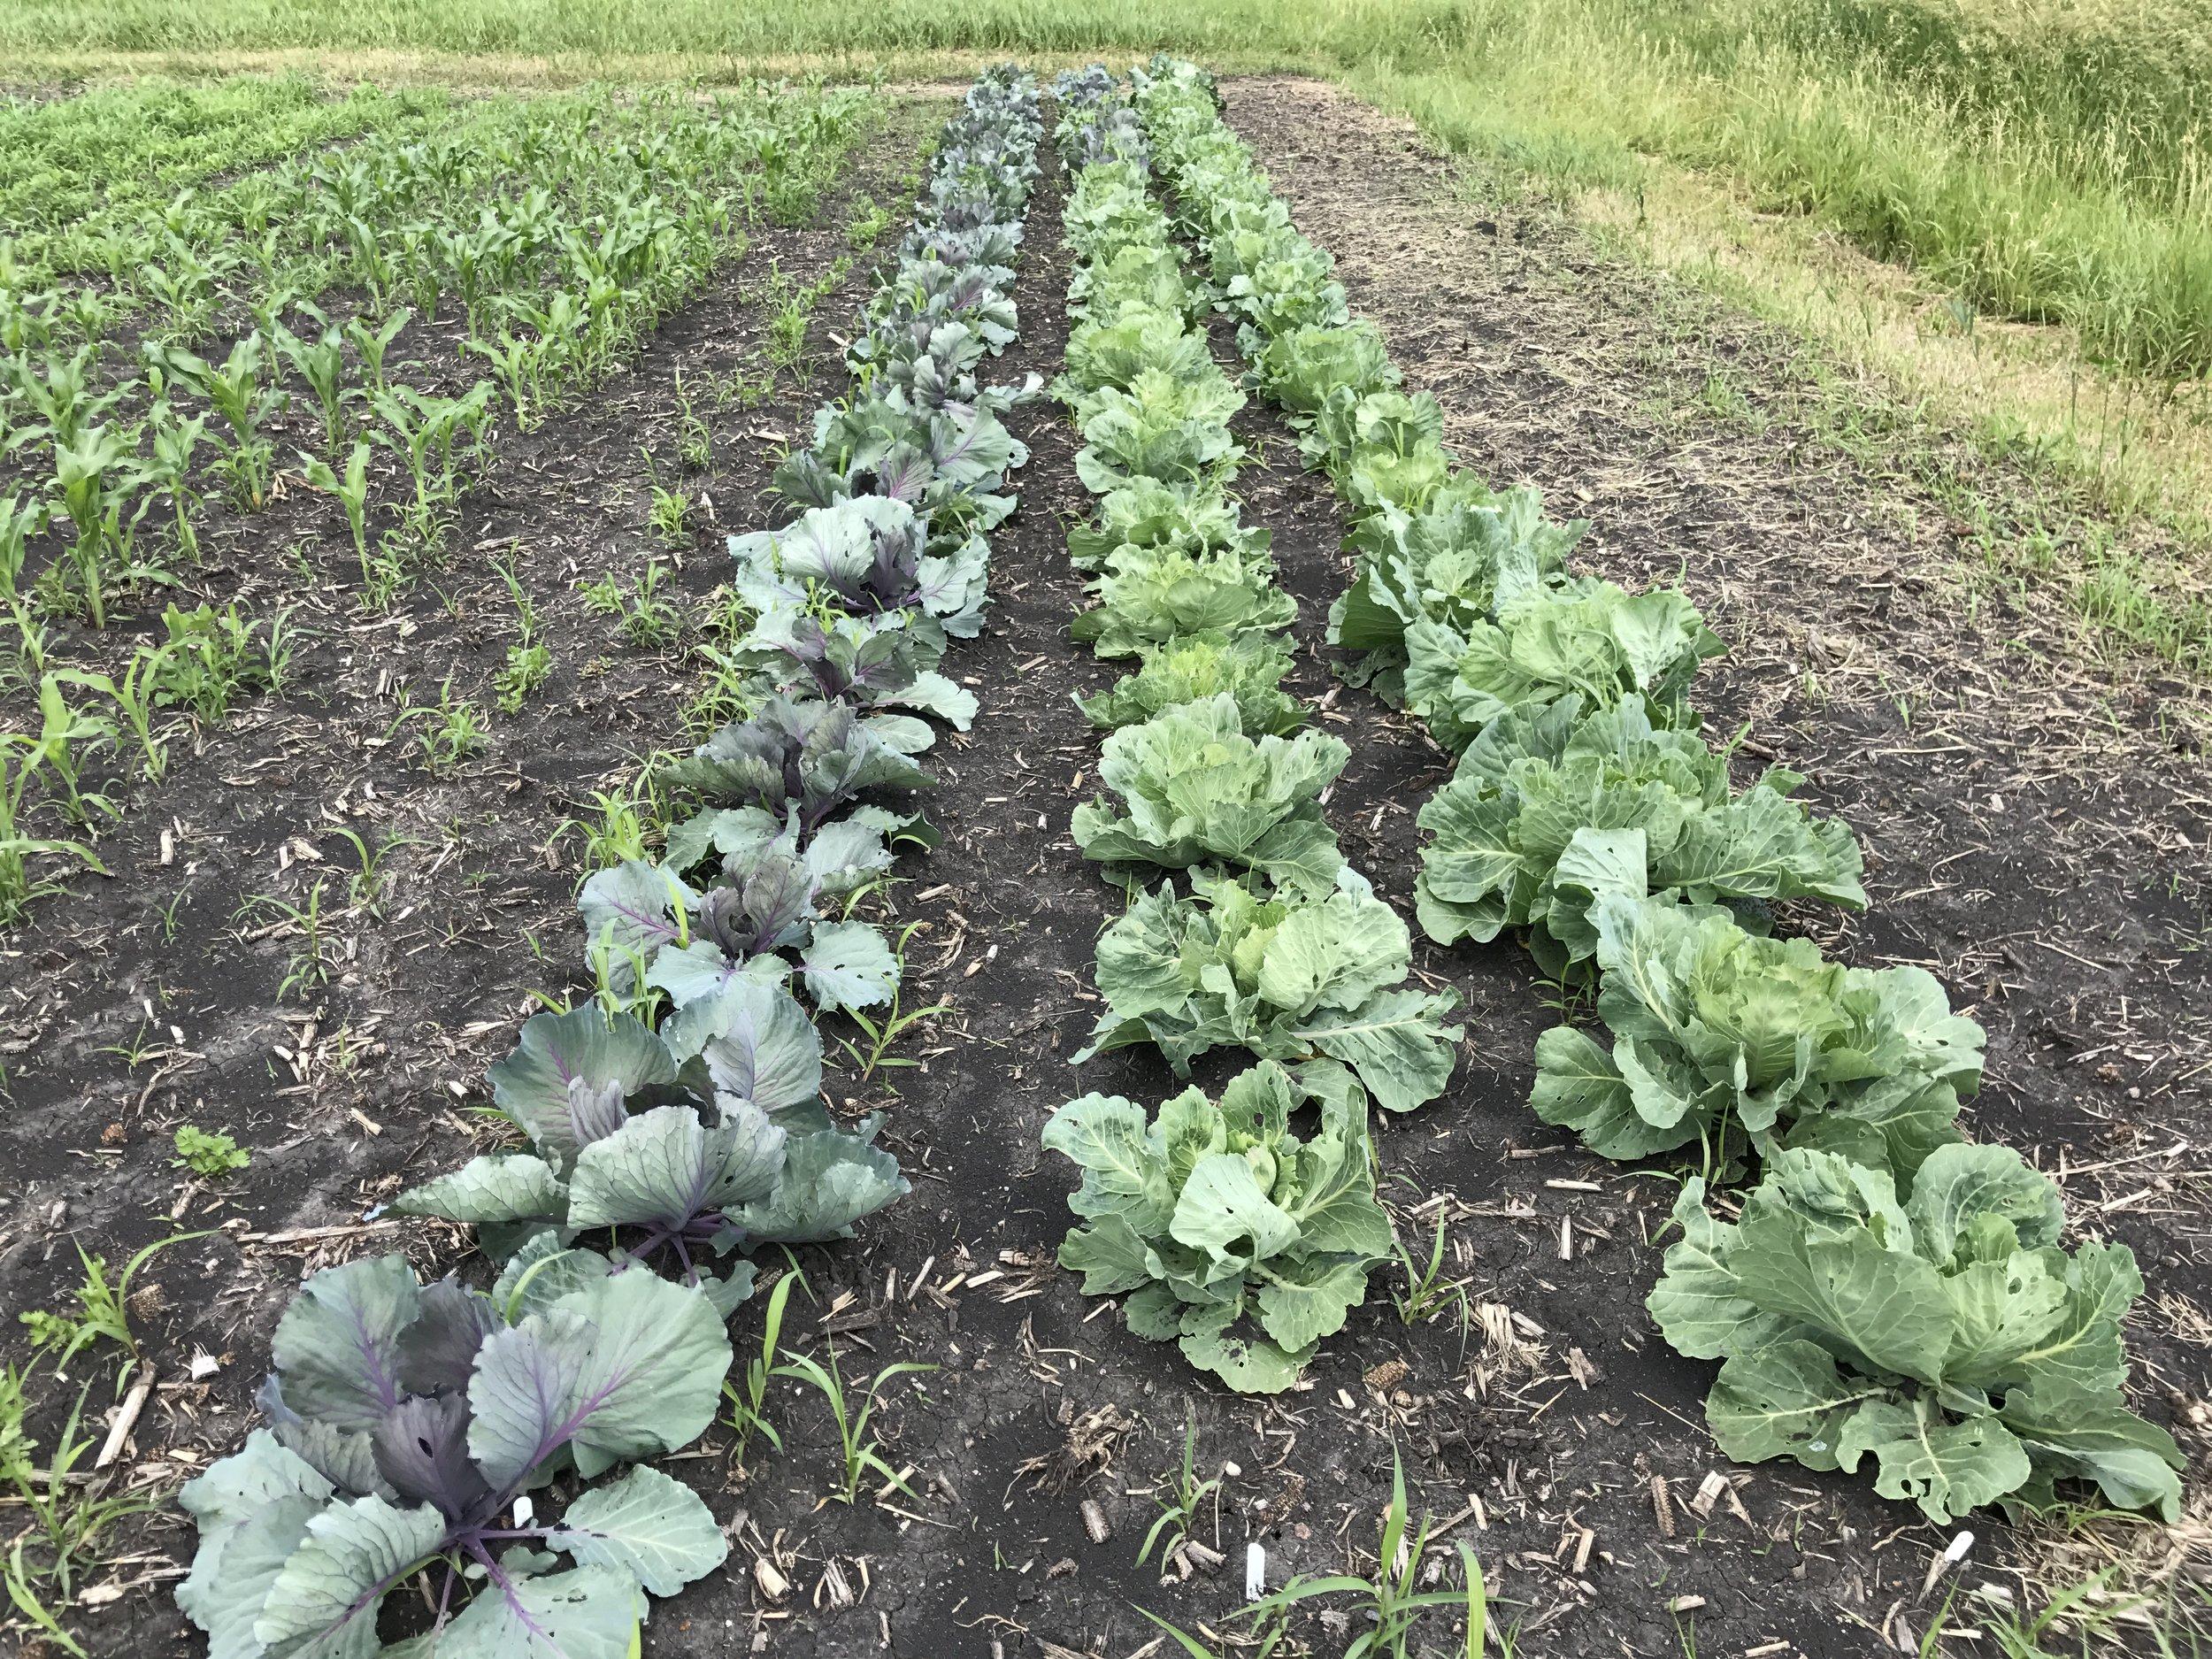 Cabbage looking goooood.